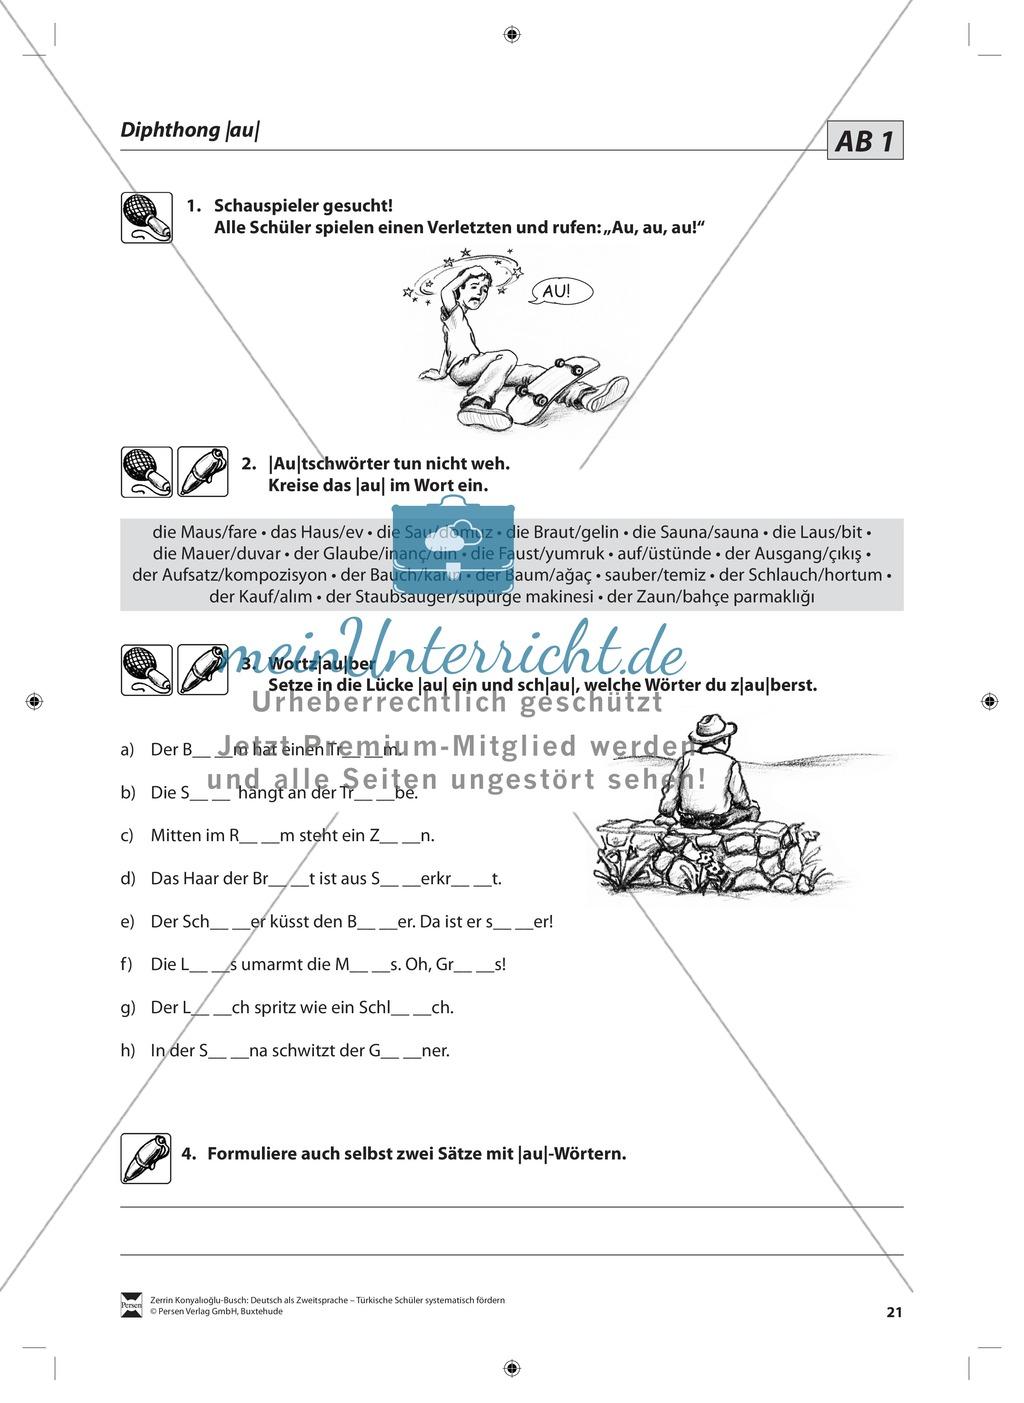 Der Diphthong: Lehrerinformationen, Arbeitsblätter und Lösungen Preview 7